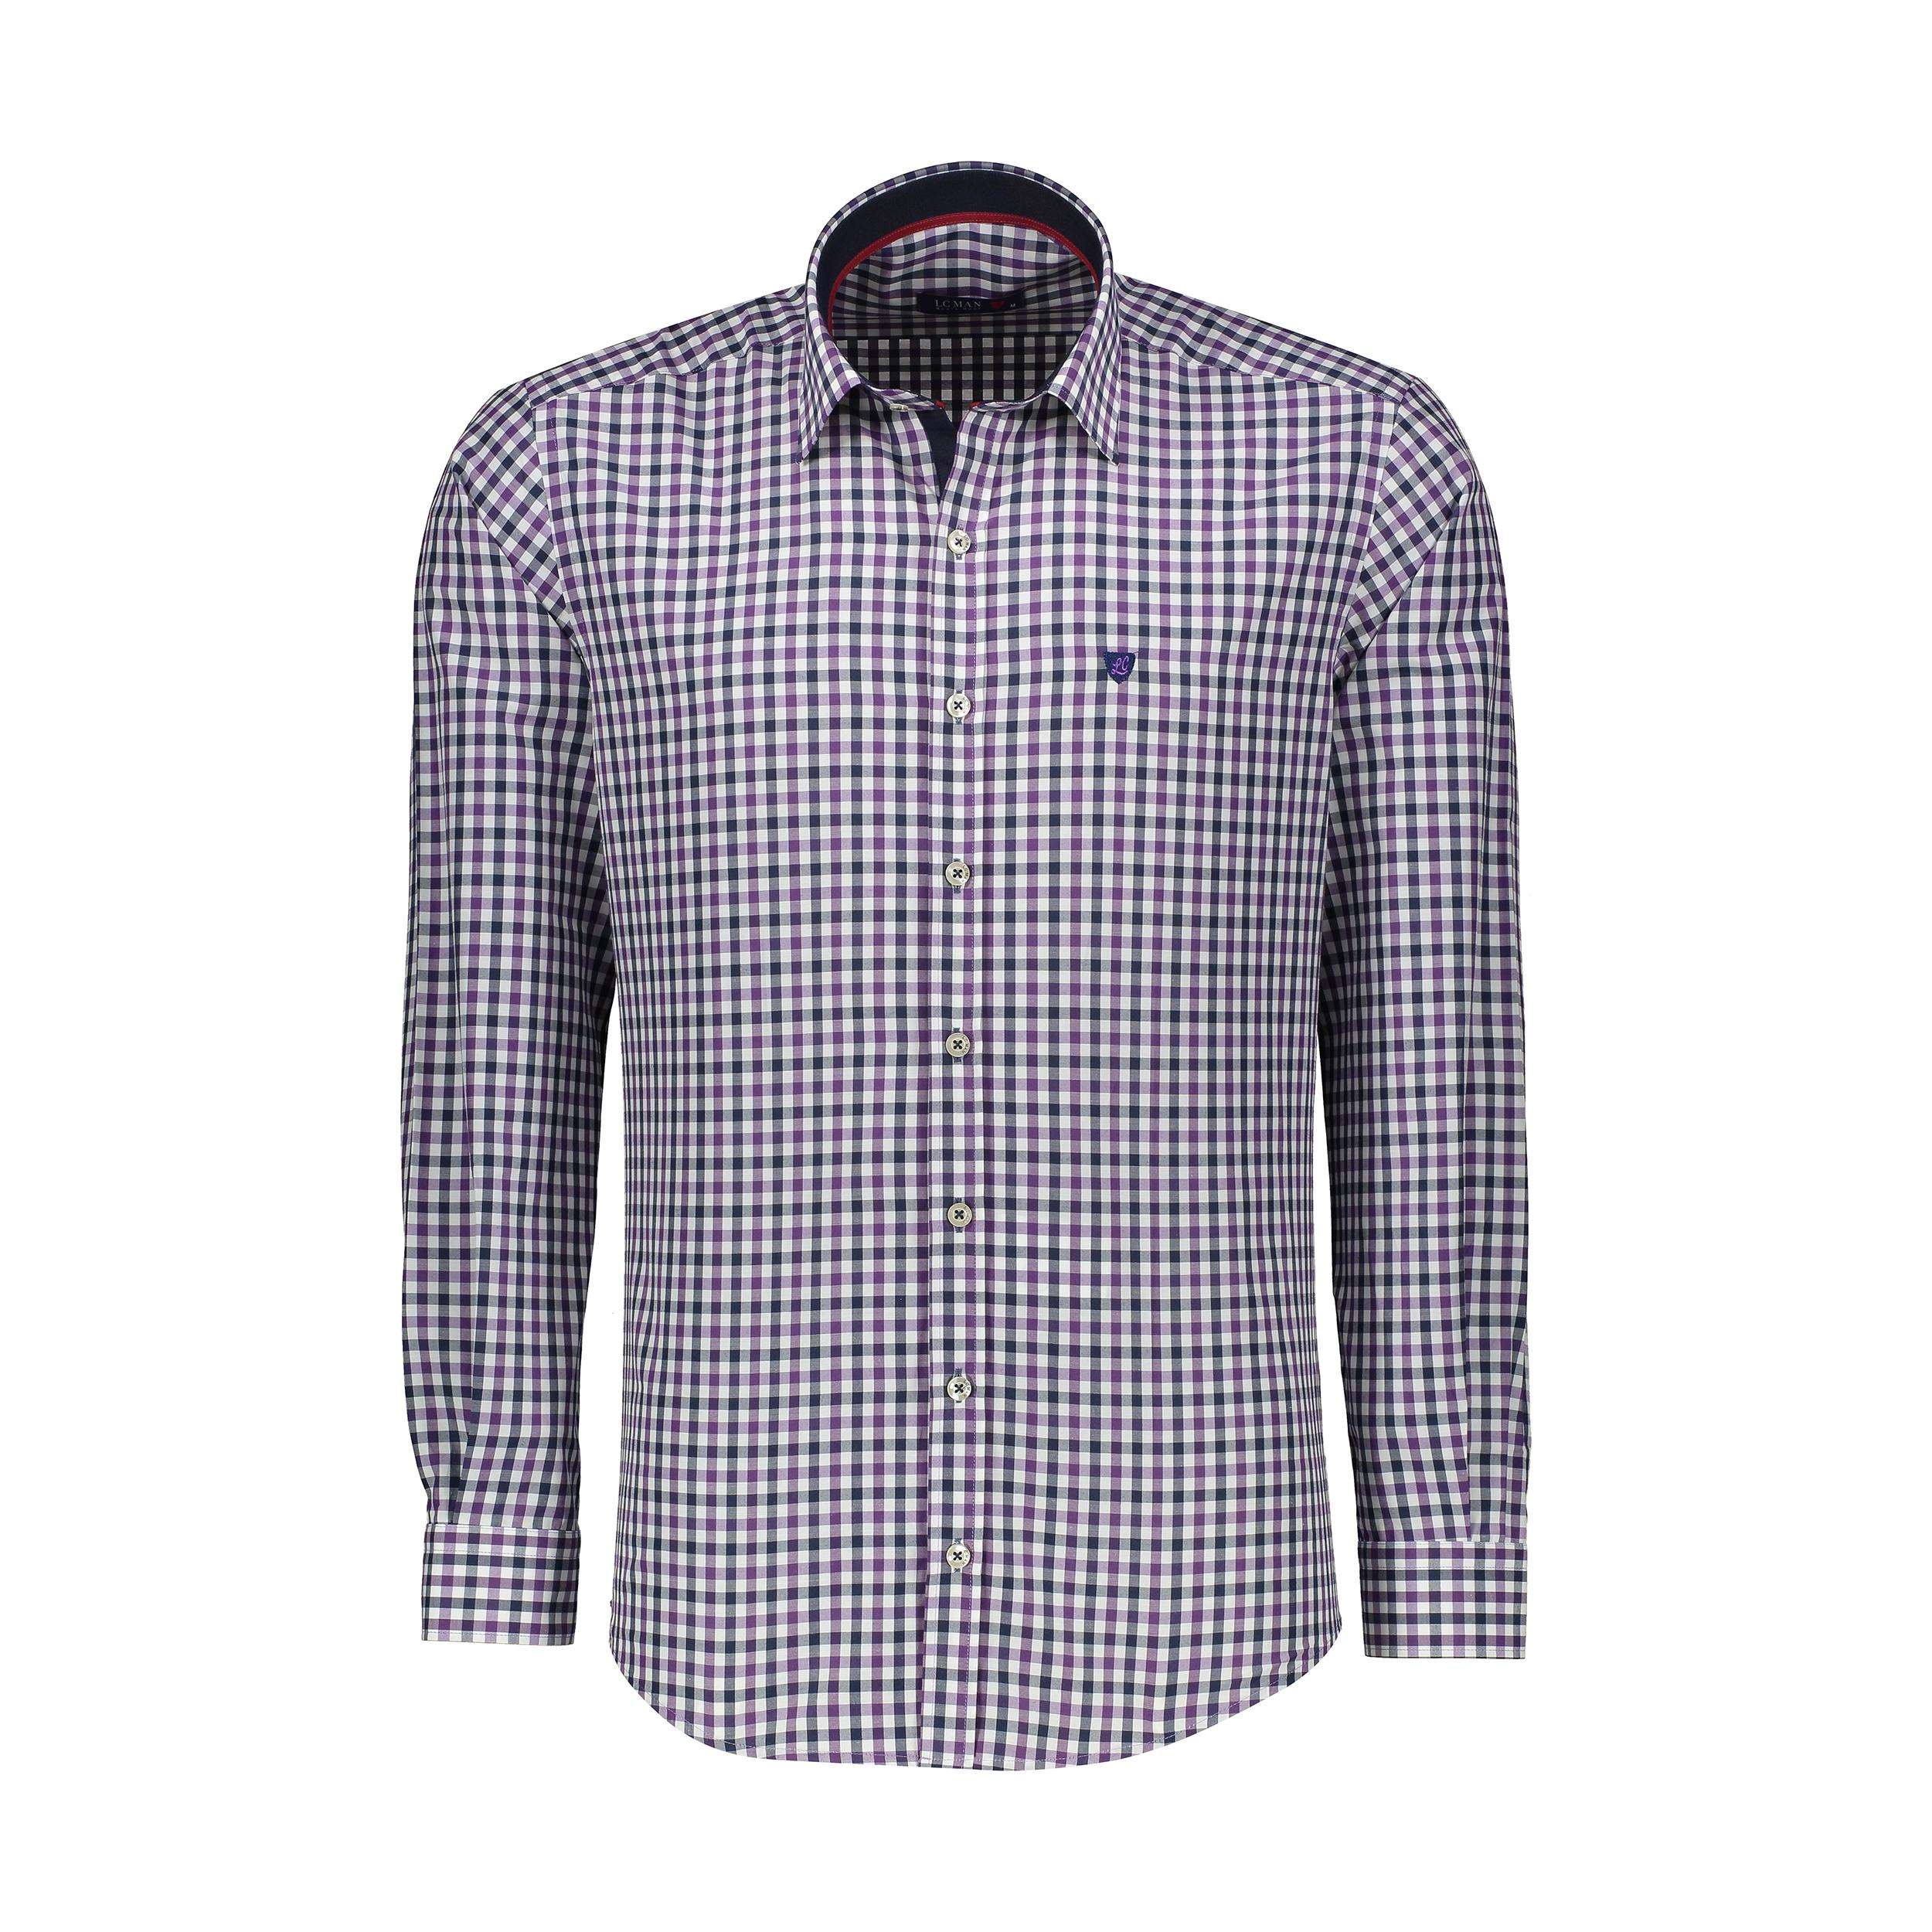 پیراهن مردانه ال سی من مدل 02181892-138